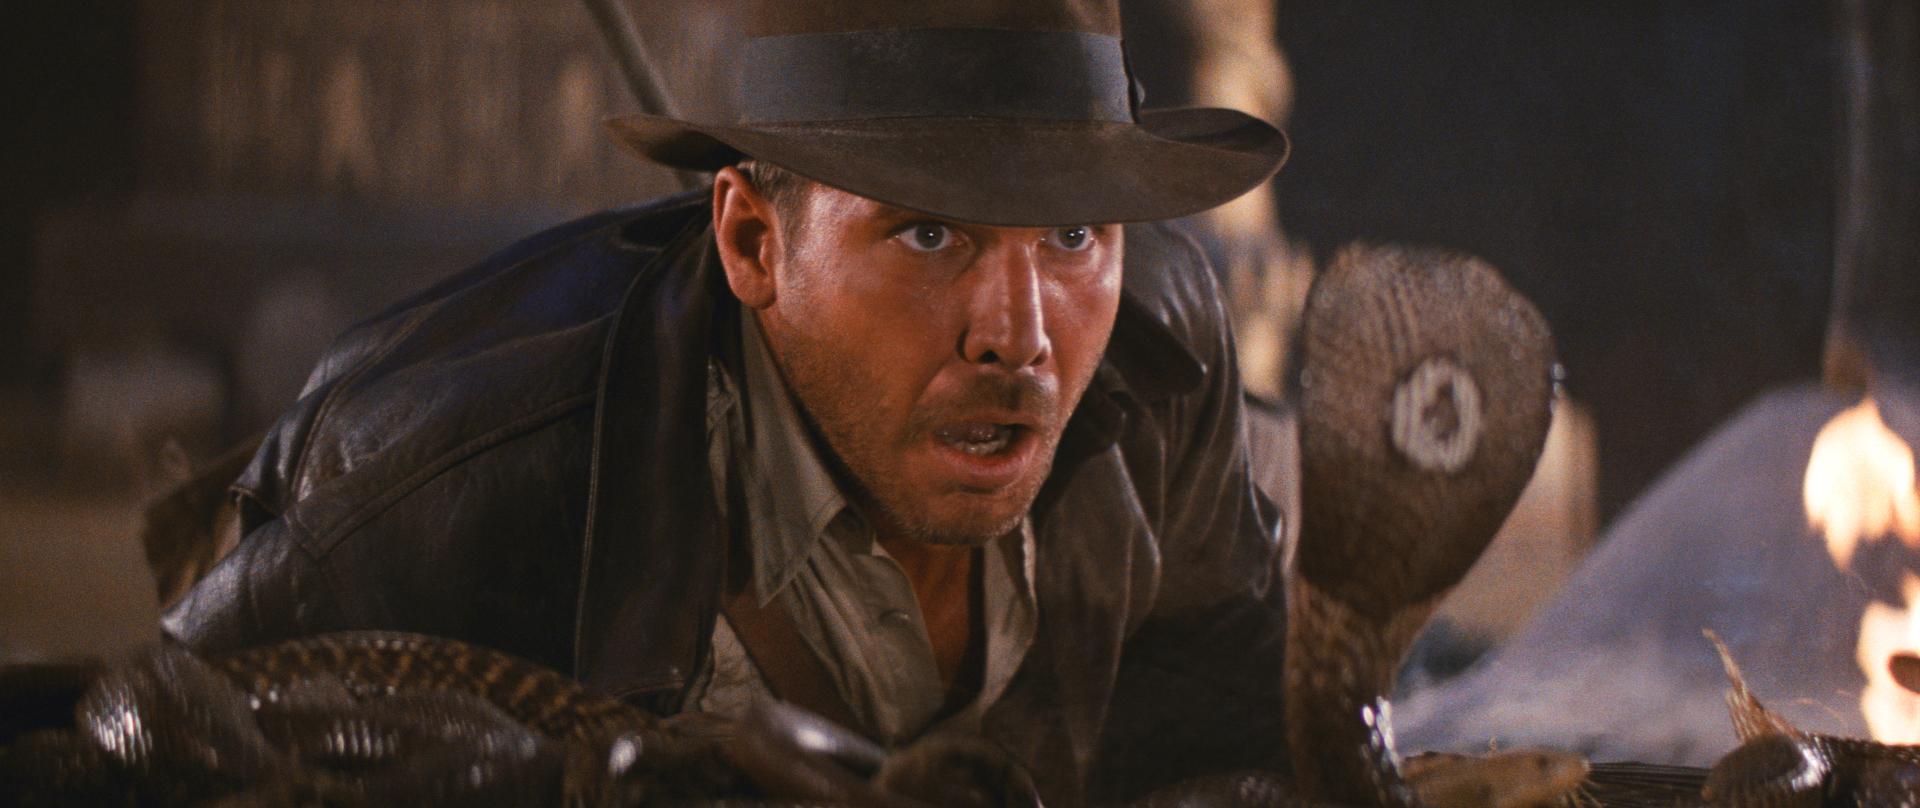 Top 250 фильмов IMDb Индиана Джонс В поисках утраченного ковчега (Raiders of the Lost Ark) (1981)